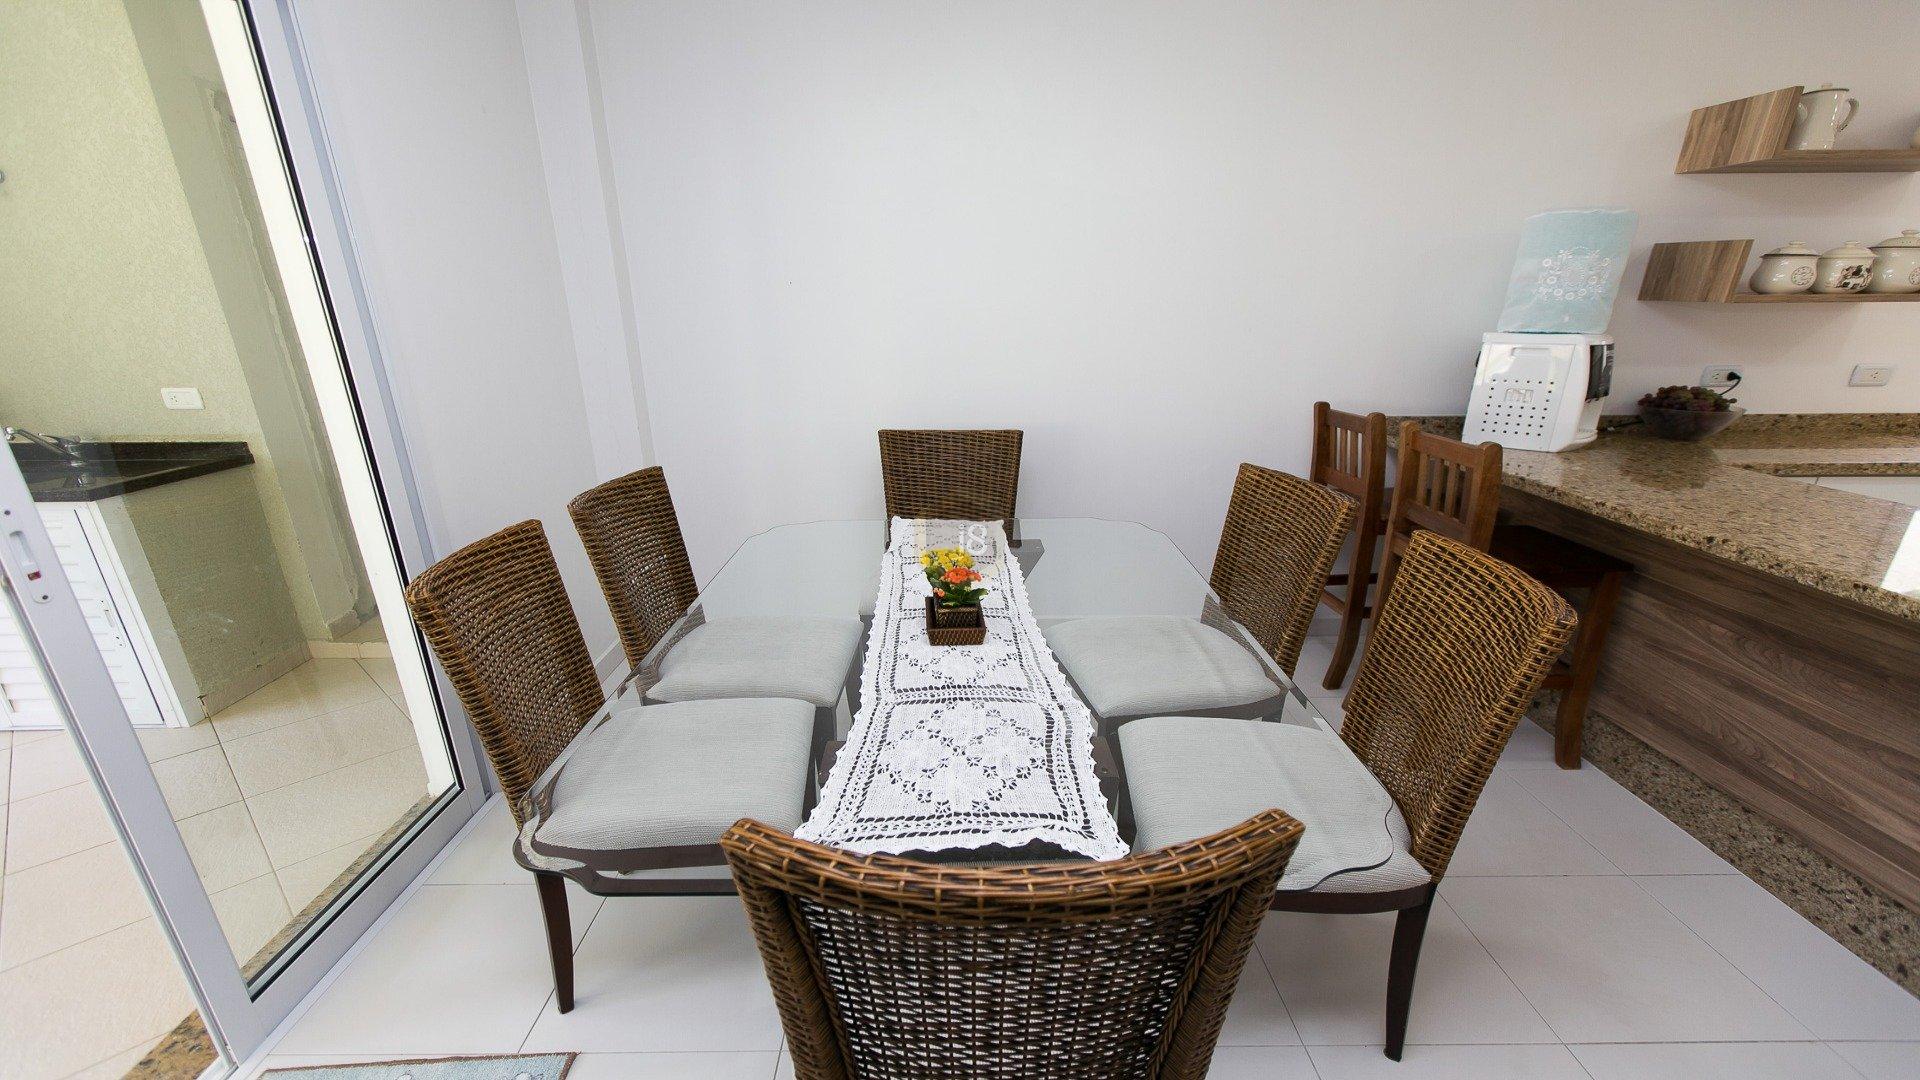 Casa Em Condominio de 4 dormitórios à venda em Butiatuvinha, Curitiba - PR